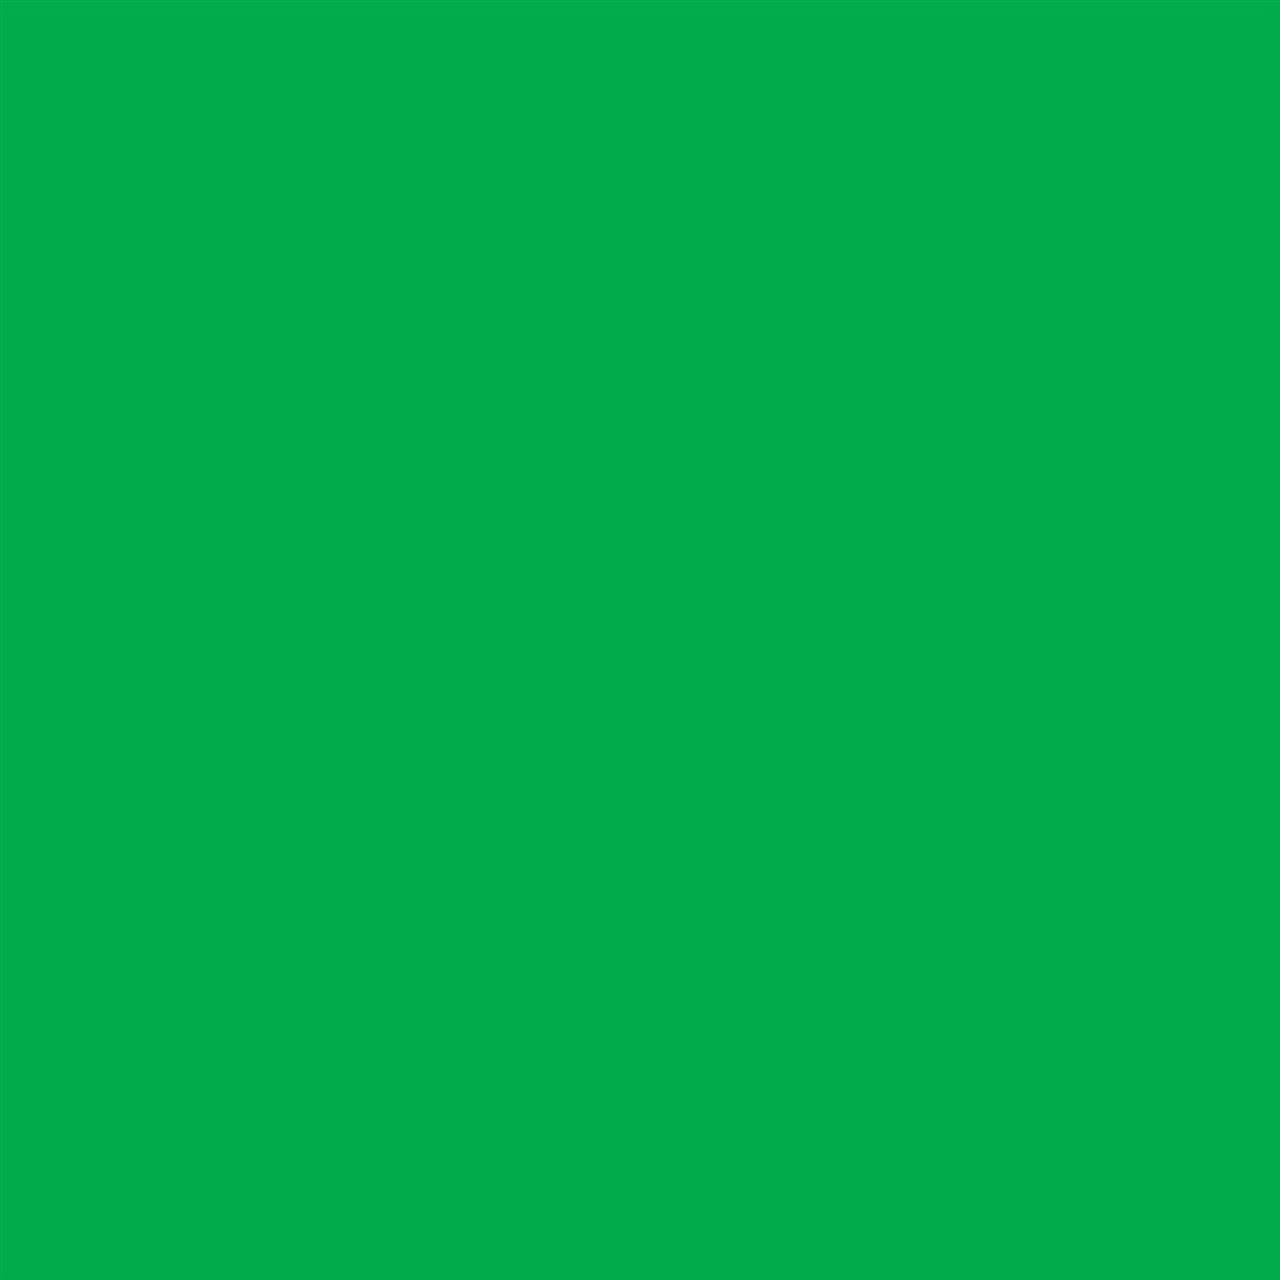 Алюкобонд светло-зелёный 8820 (4мм/21мкм) 1,22мХ2,44м